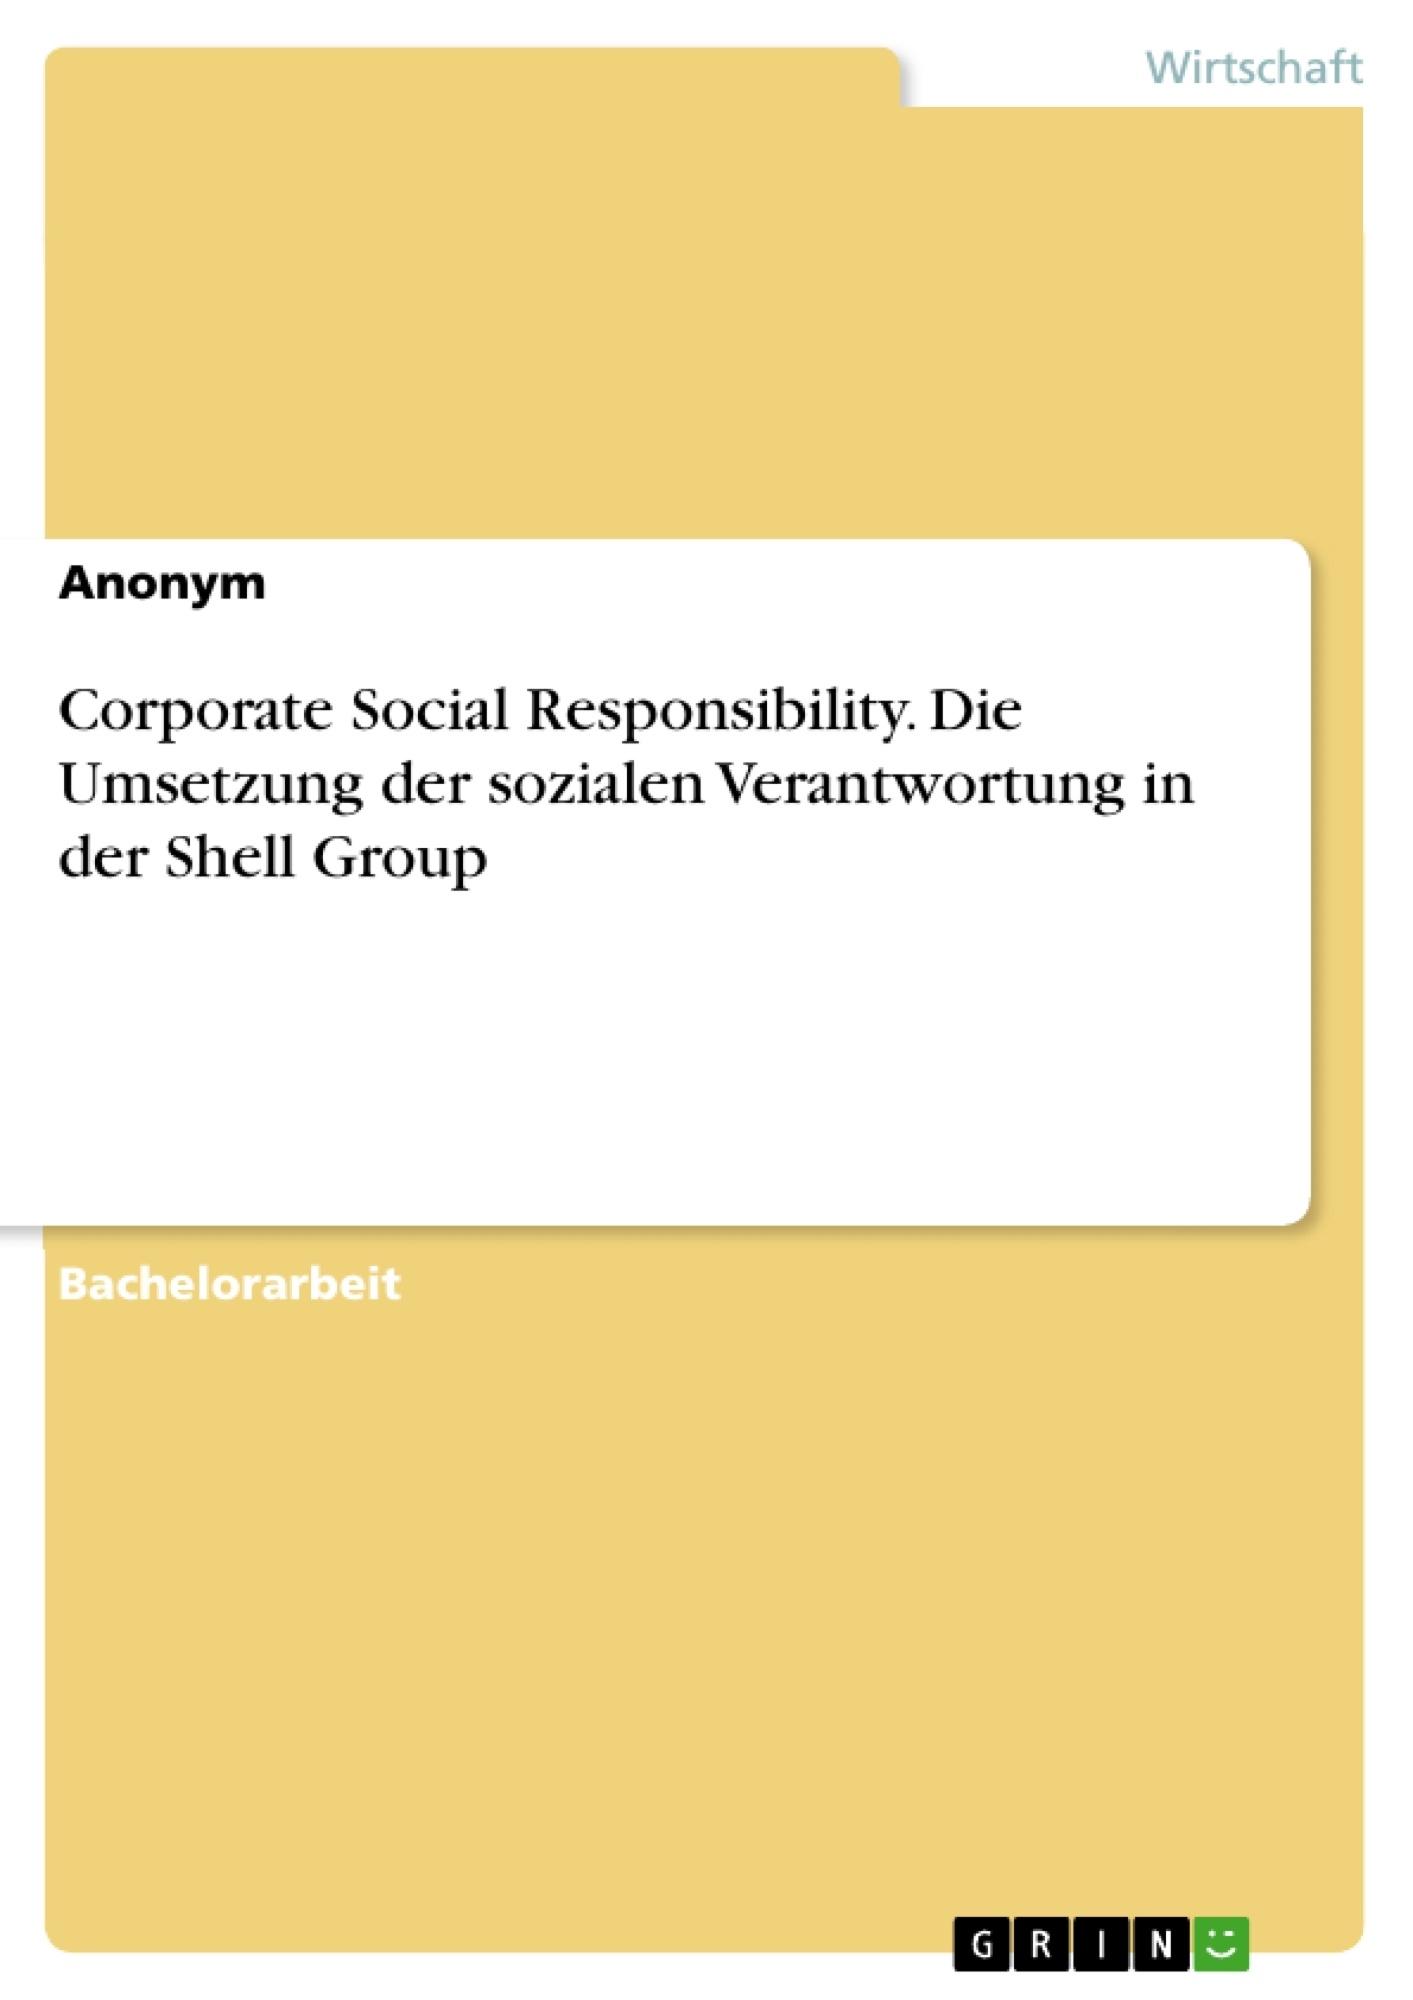 Titel: Corporate Social Responsibility. Die Umsetzung der sozialen Verantwortung in der Shell Group